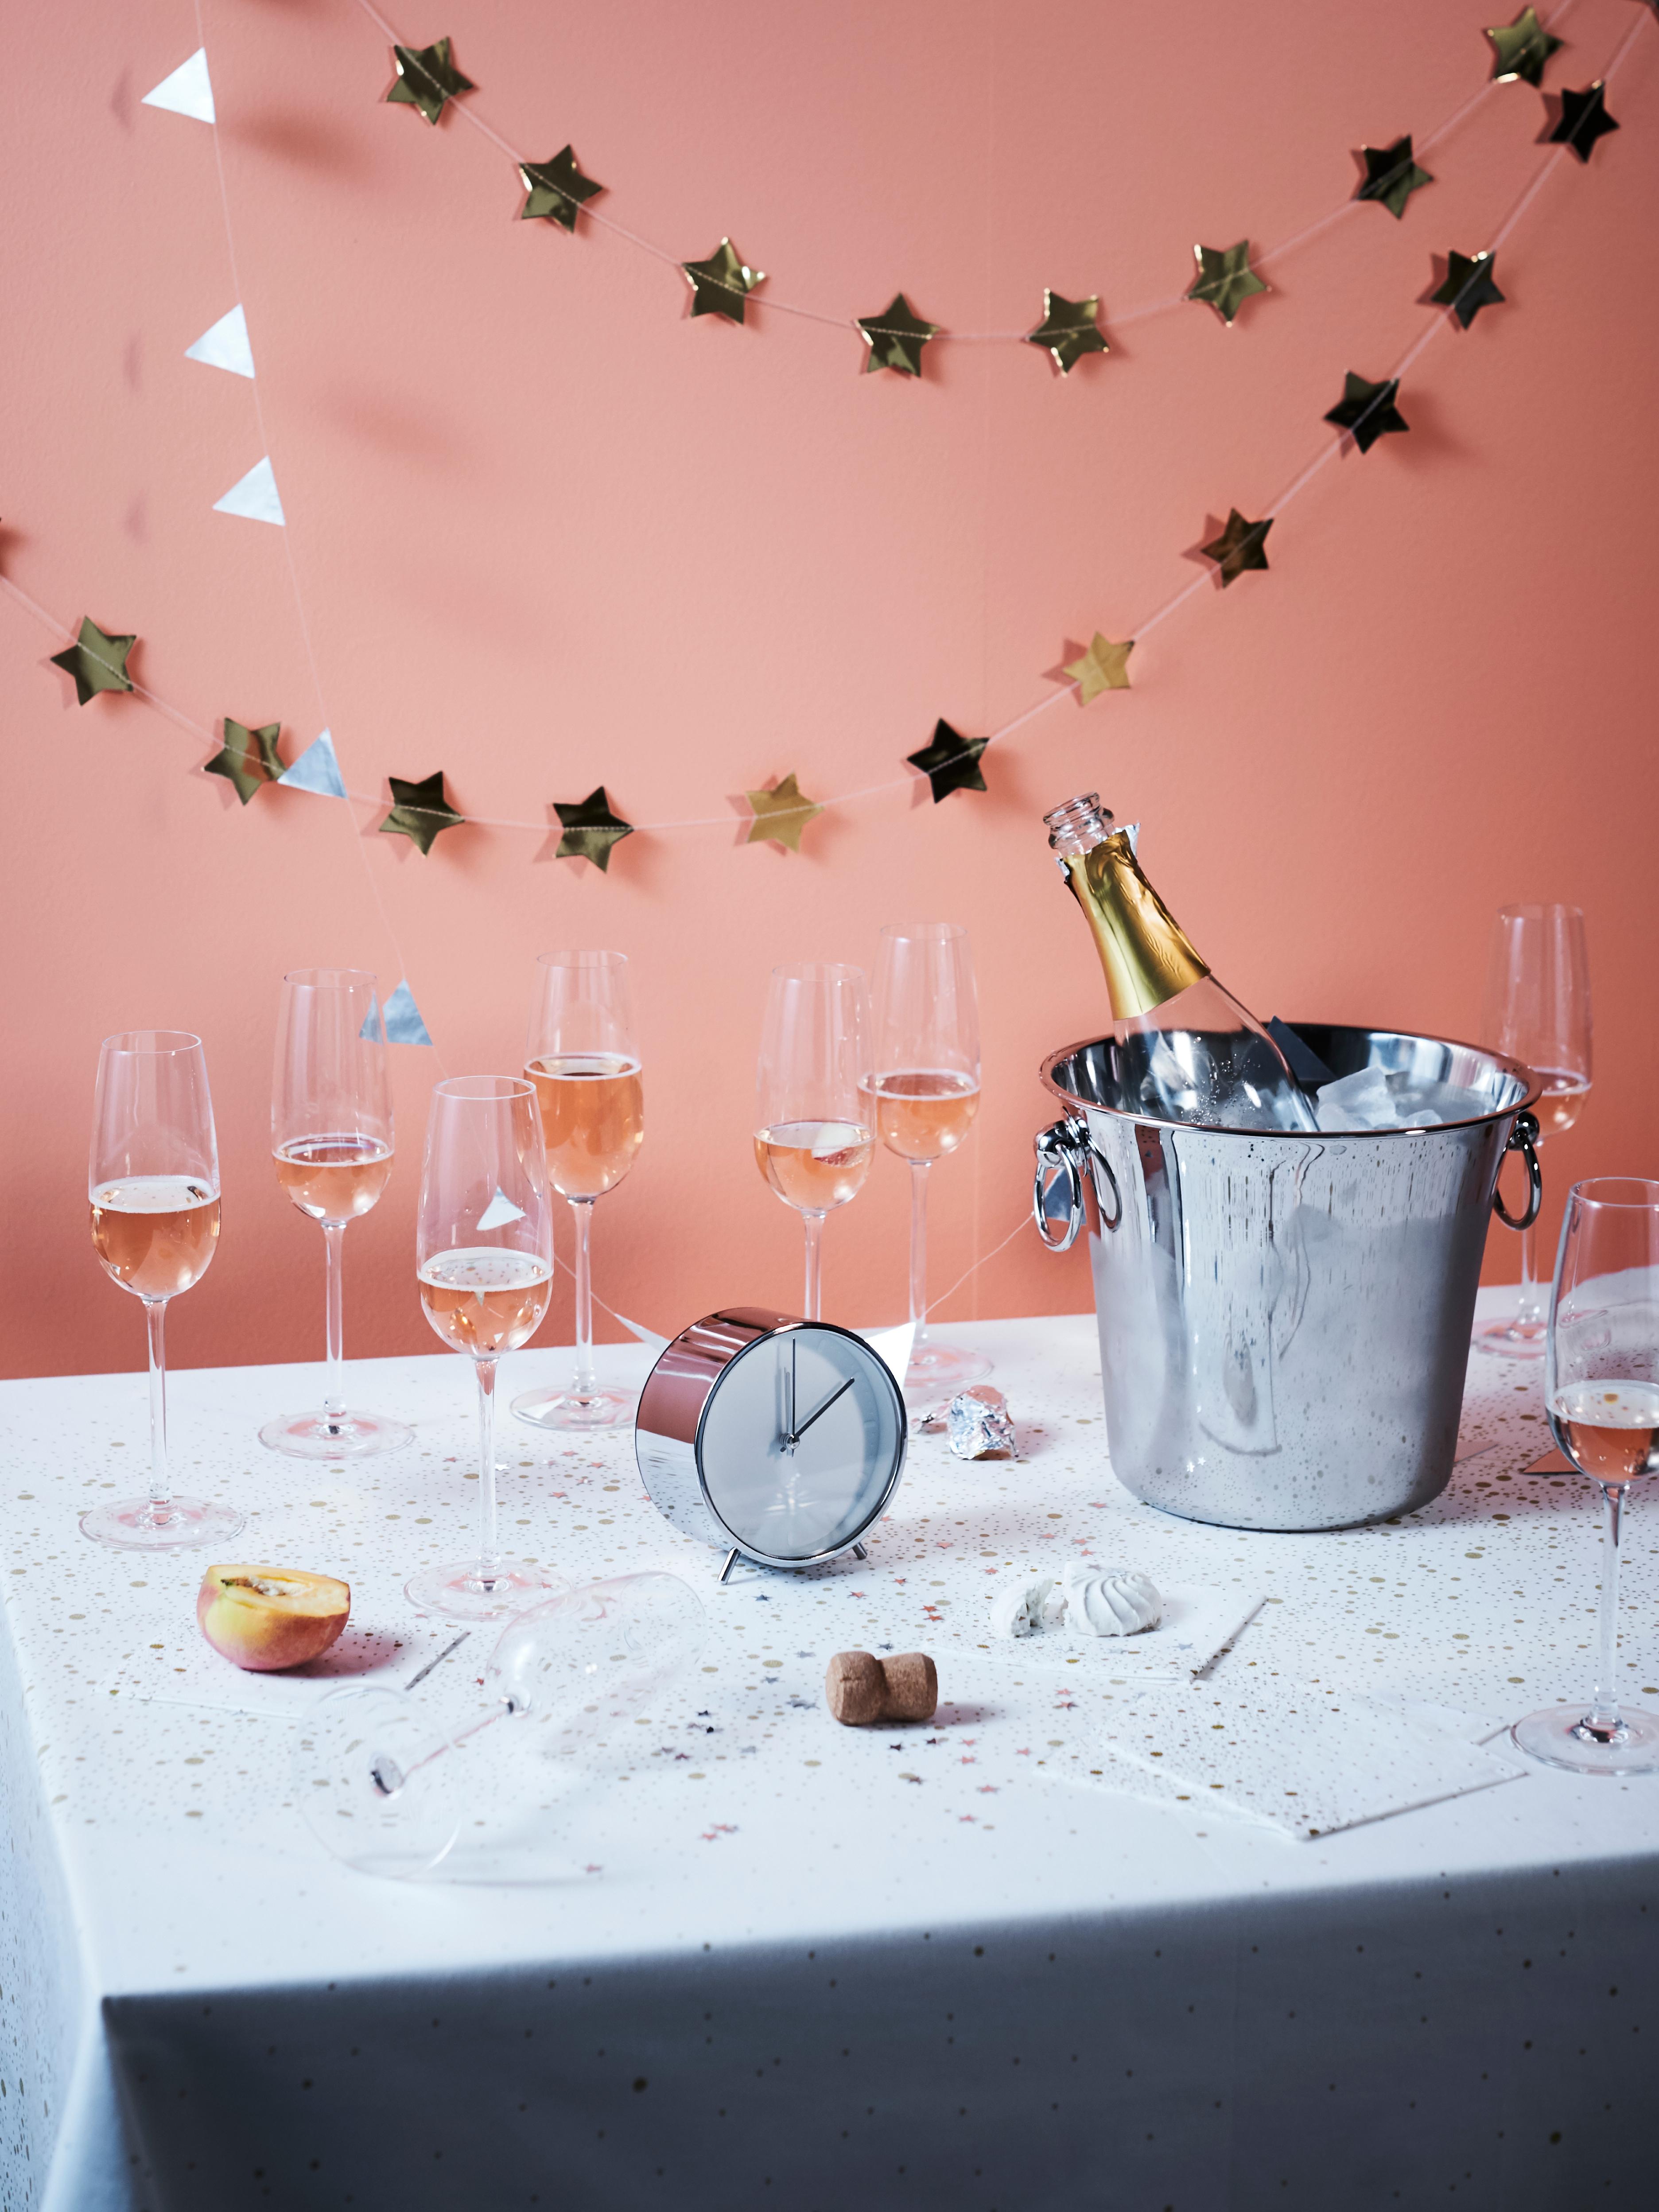 STORSINT čaše sa šampanjcem na stolu punom konfeta s bocom u posudi za led, dekorativnim lancem sa zlatnim zvijezdama i satom.